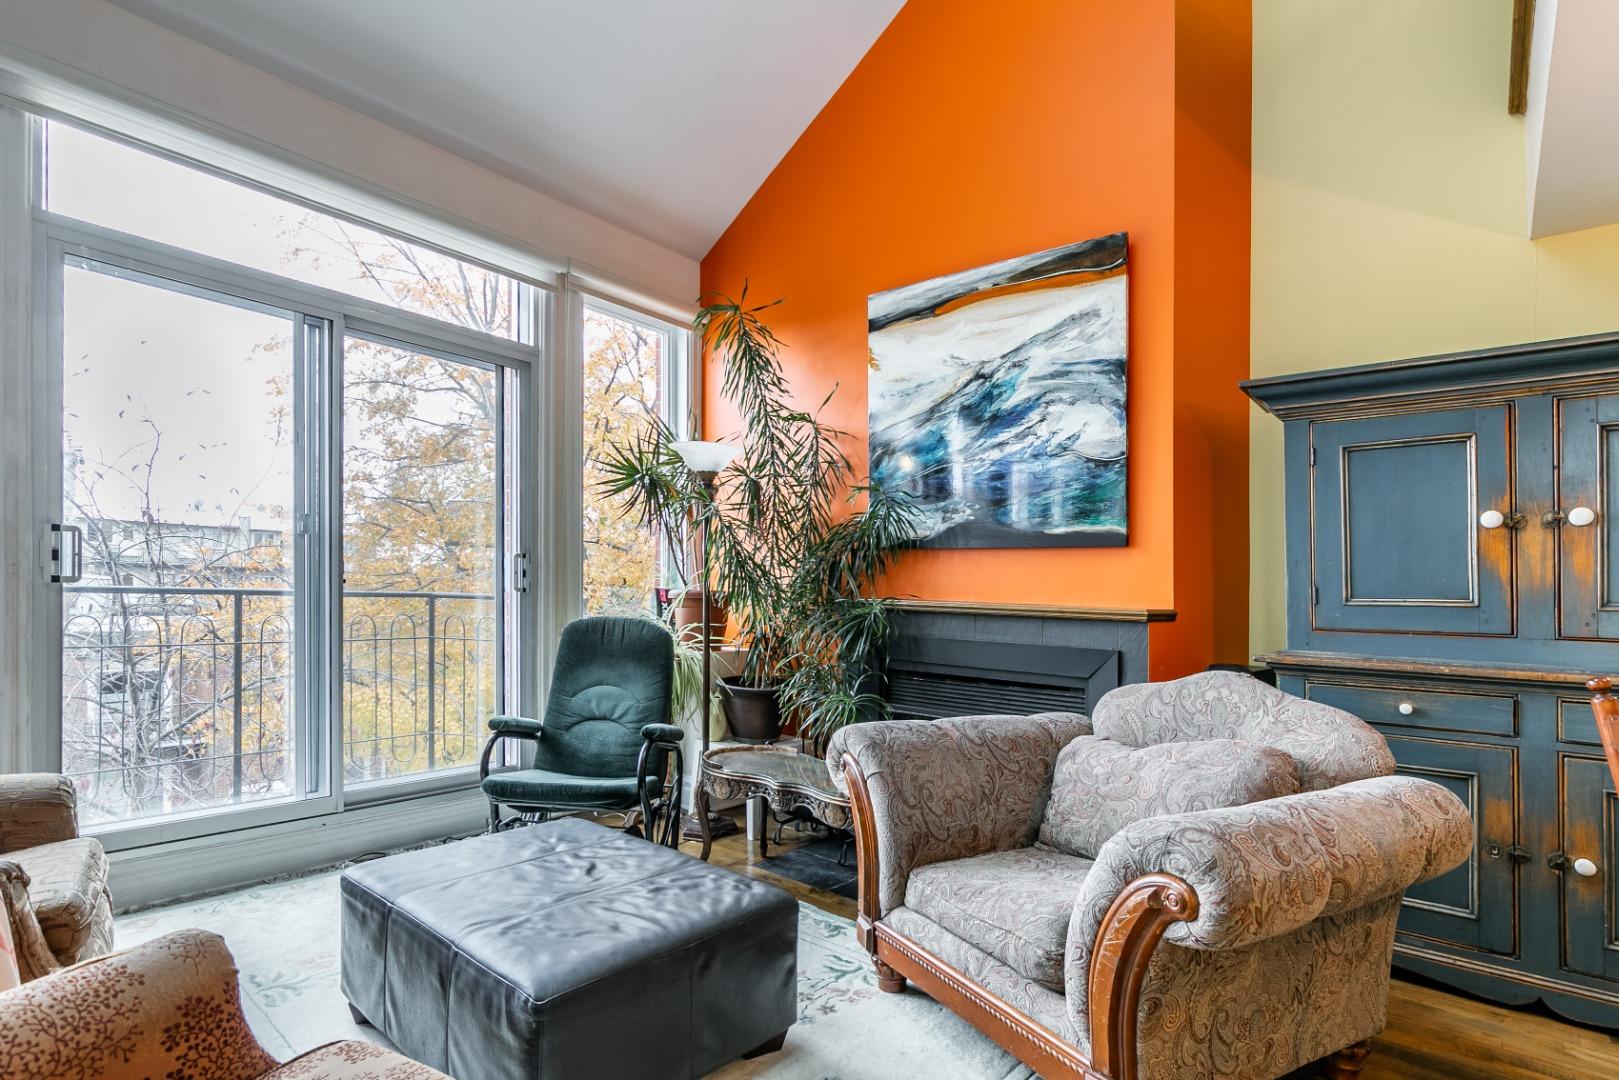 Condo à vendre Rosemont 6529 rue Cartier Montréal-5.jpg